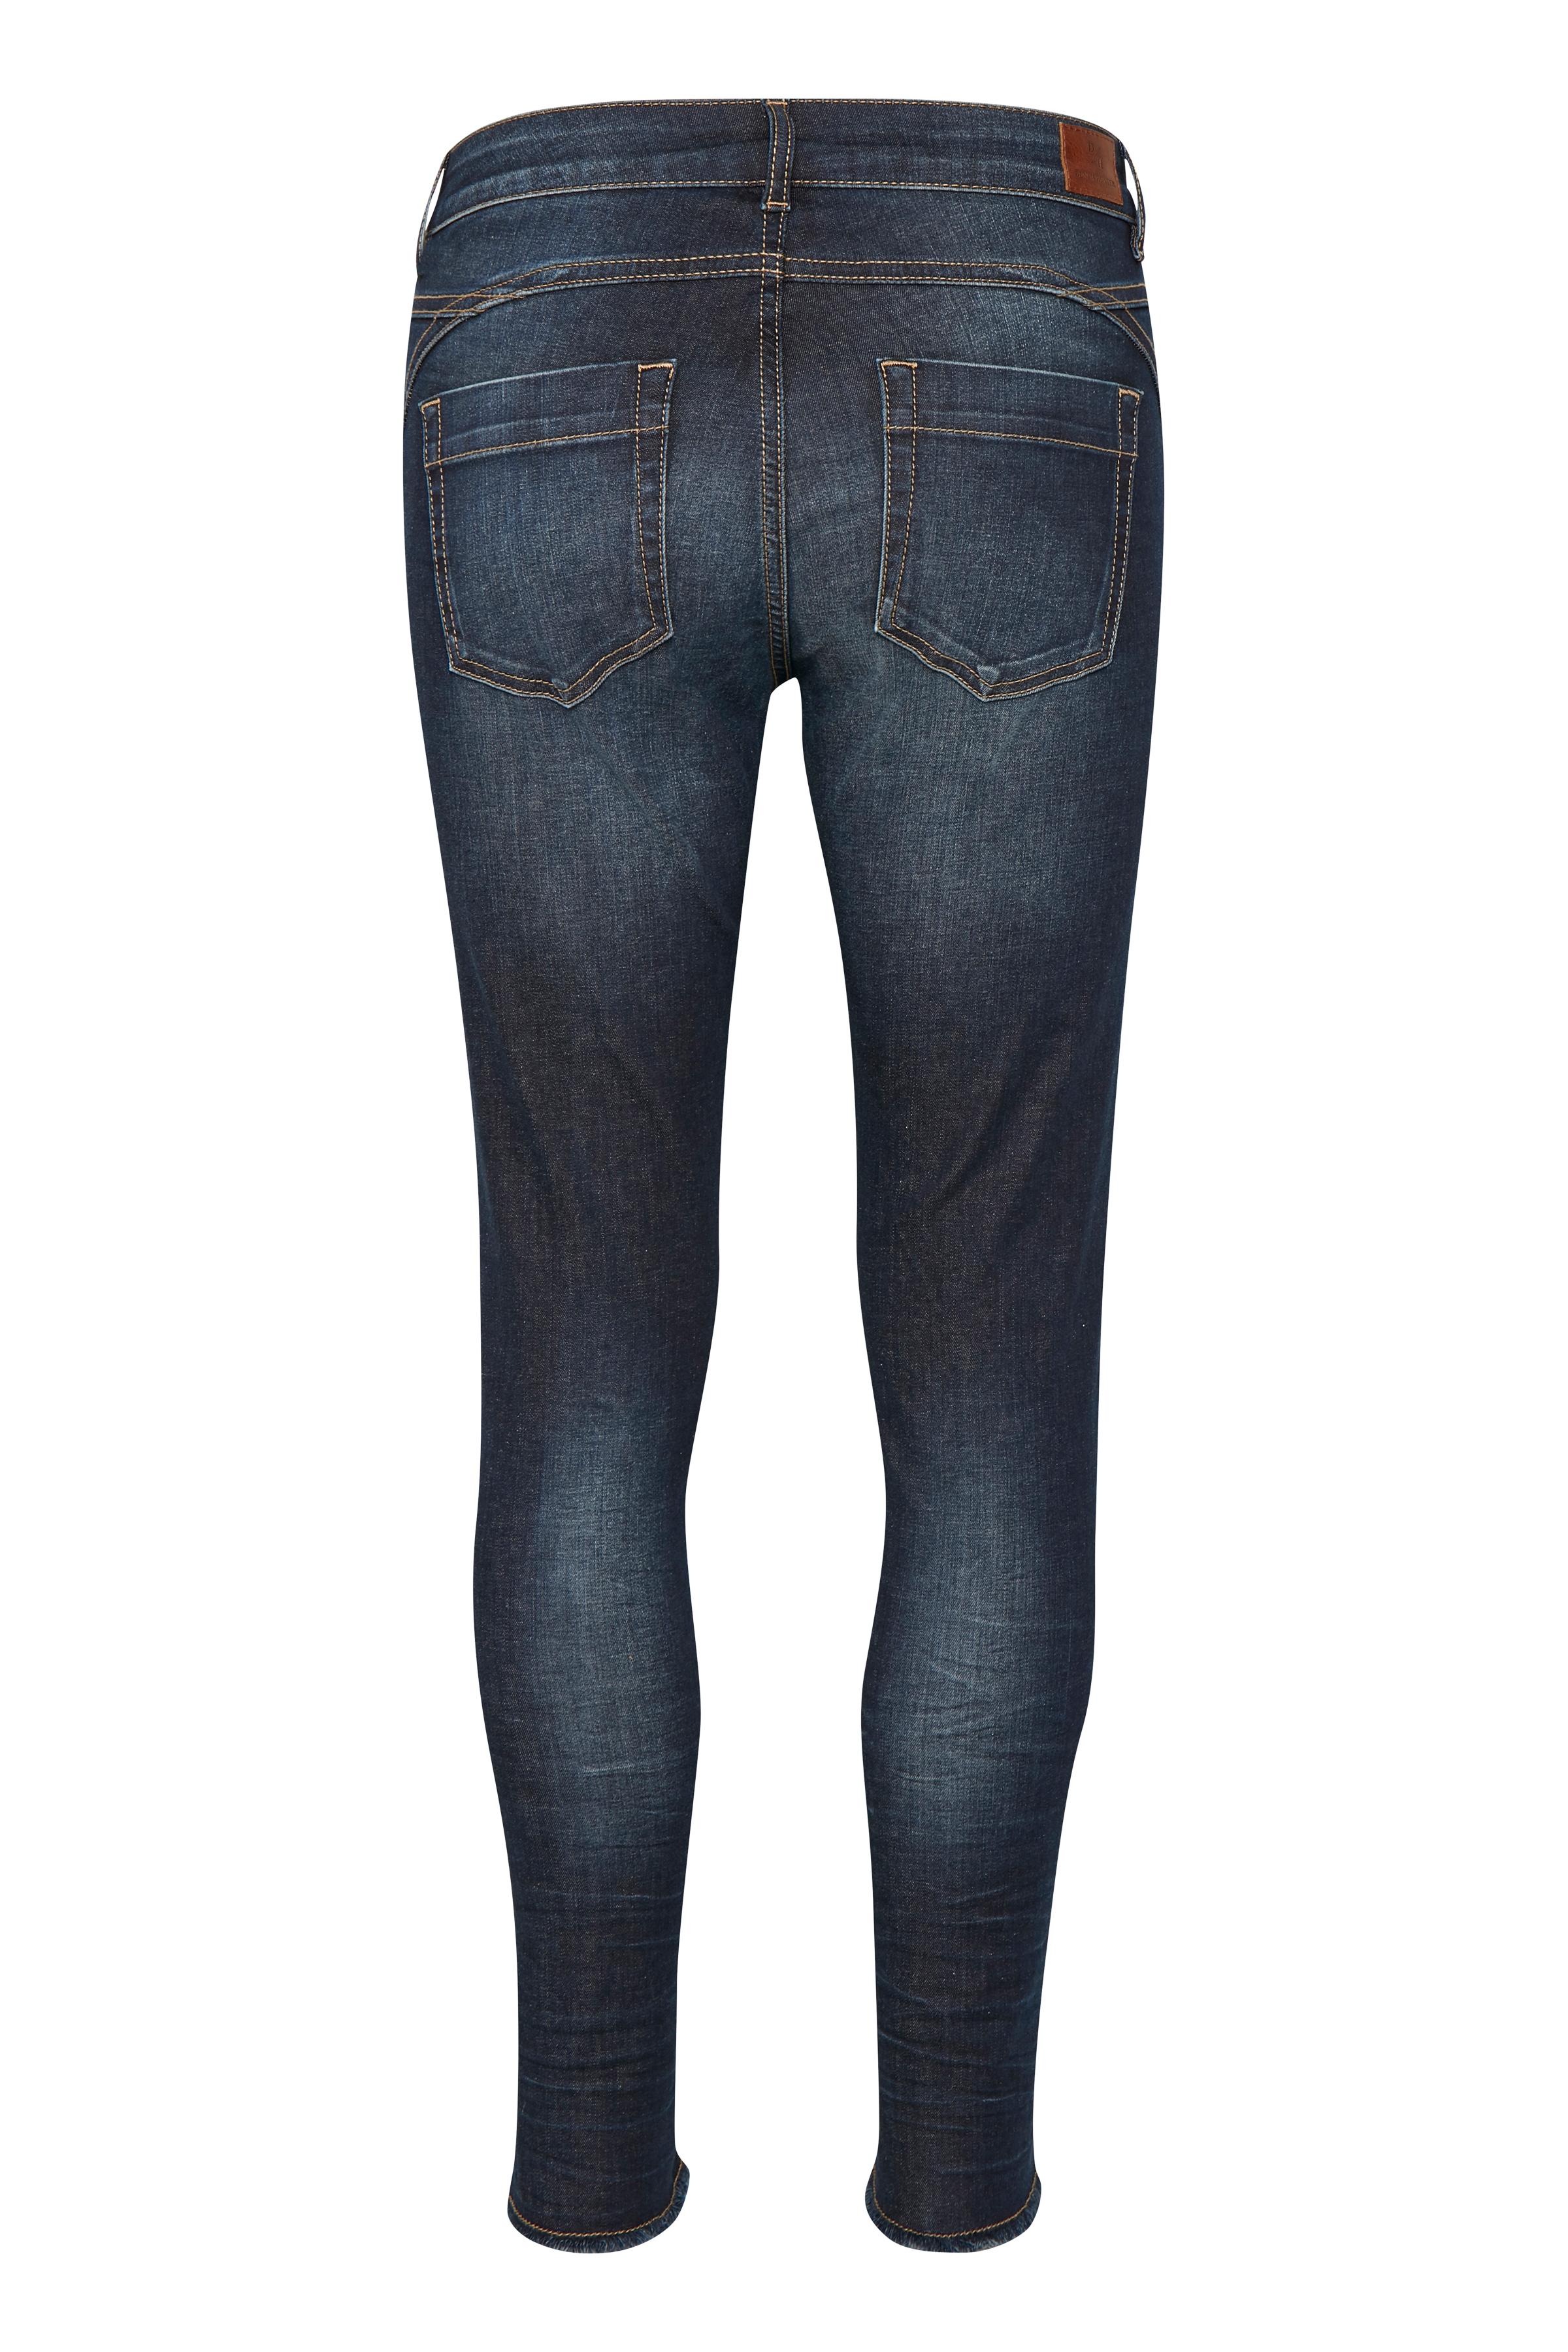 Denimblå Jeans fra Denim Hunter – Køb Denimblå Jeans fra str. 25-35 her